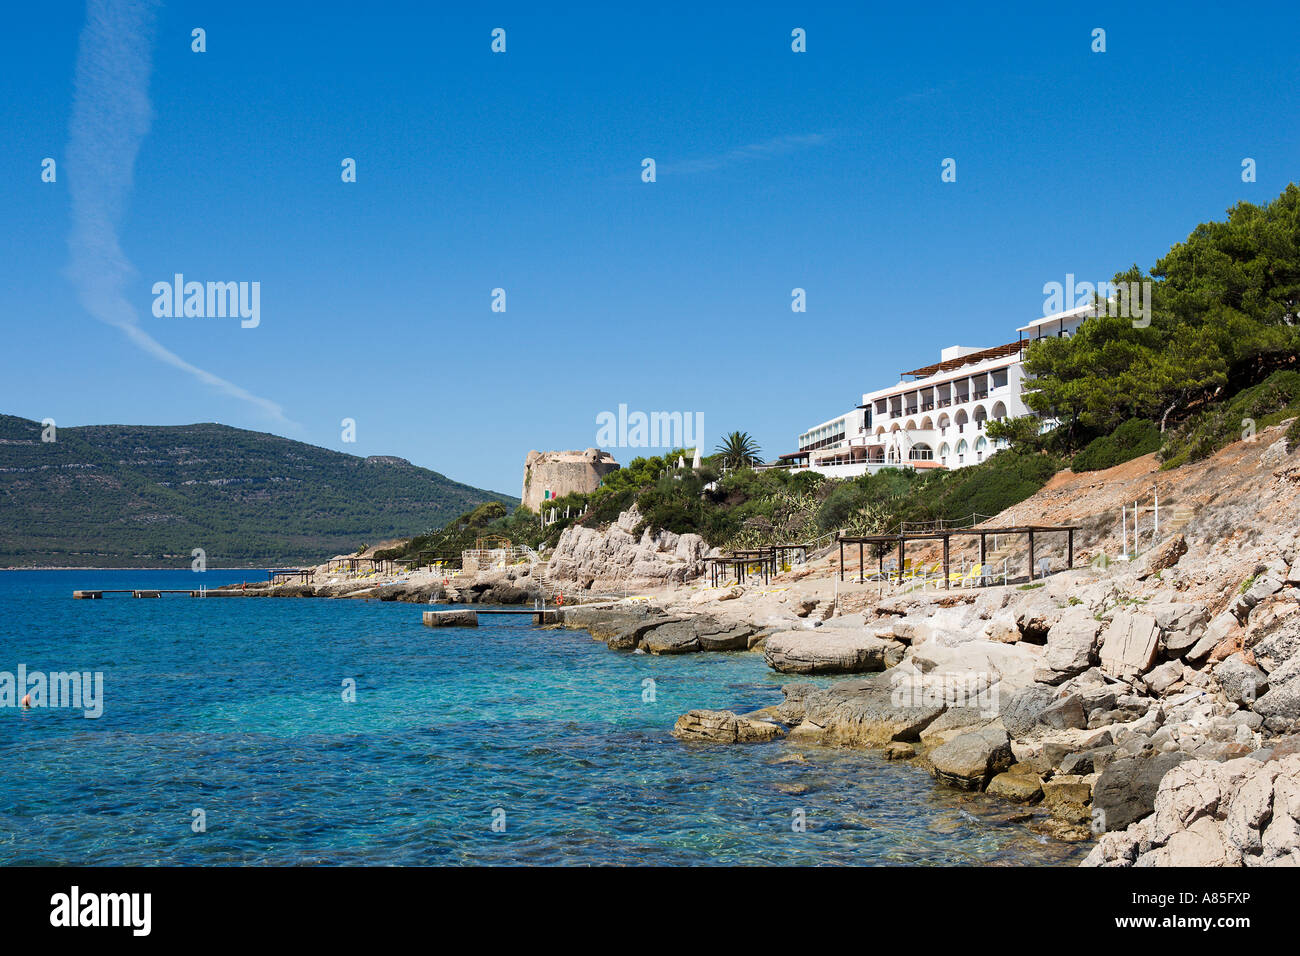 Hotel El Faro, Alghero, Sardinia, Italy - Stock Image